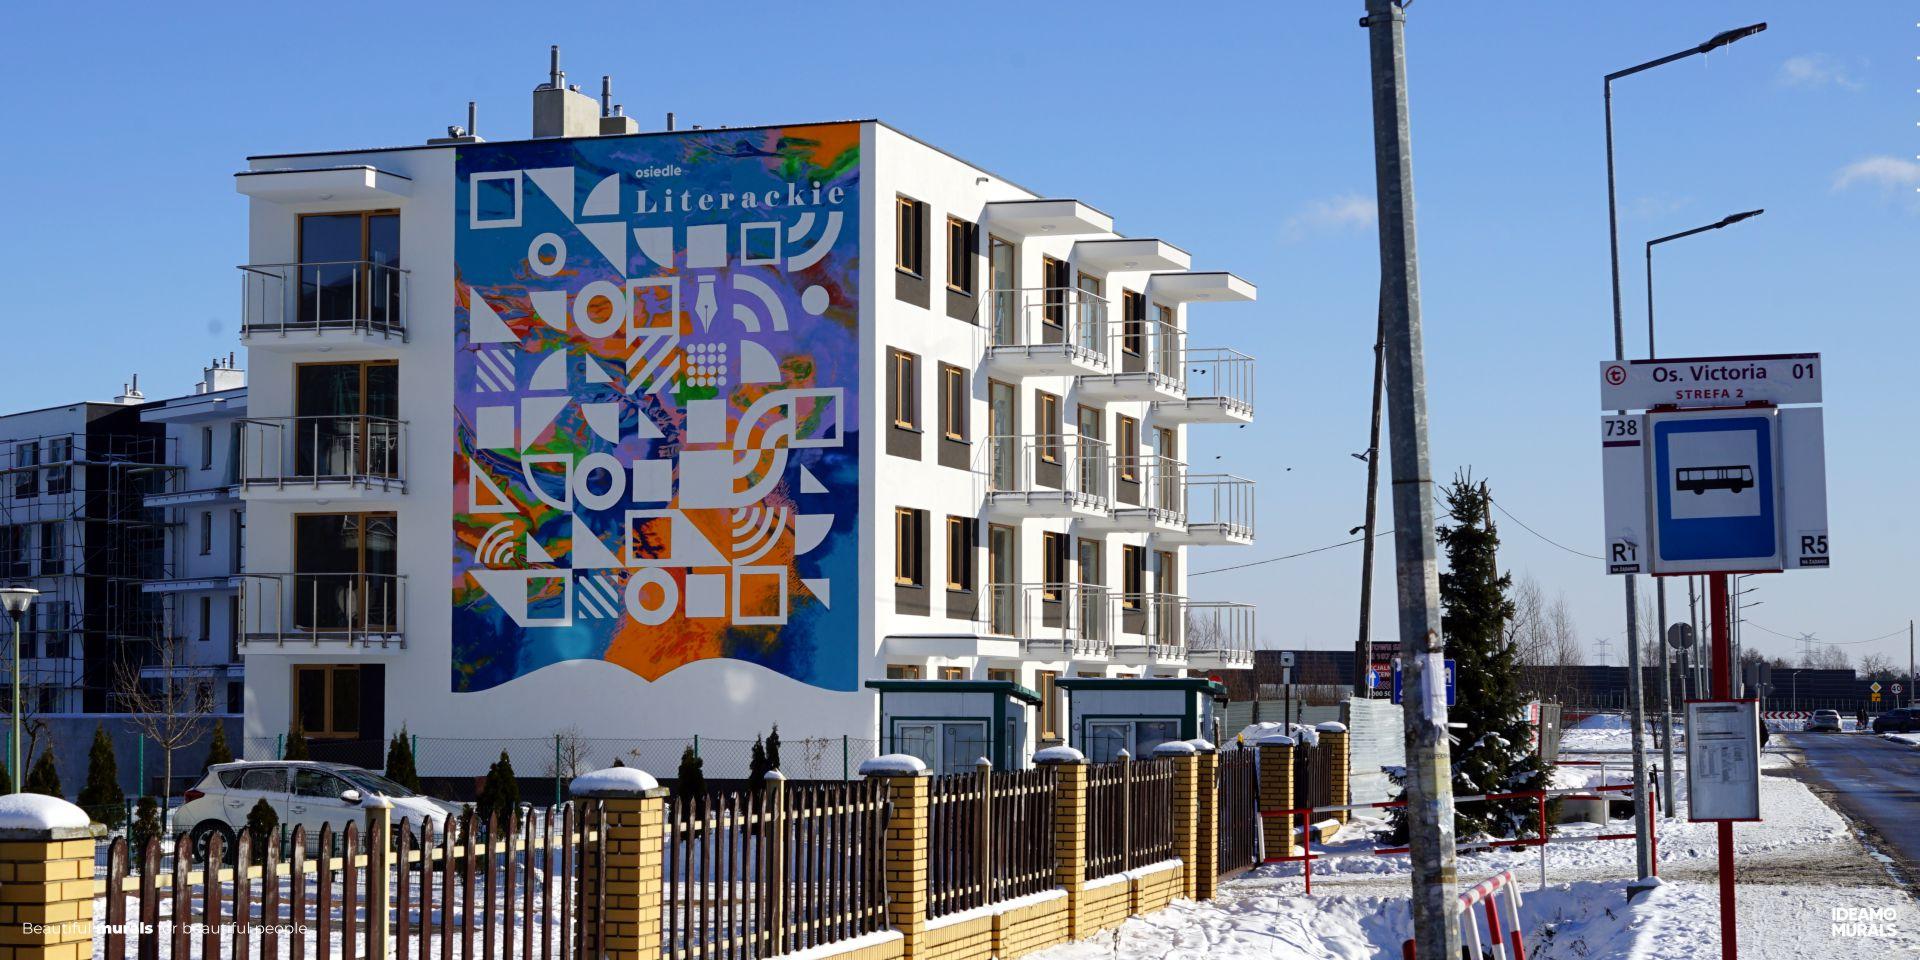 Krolewskie edycja limitowana mural Politechnika IDEAMO